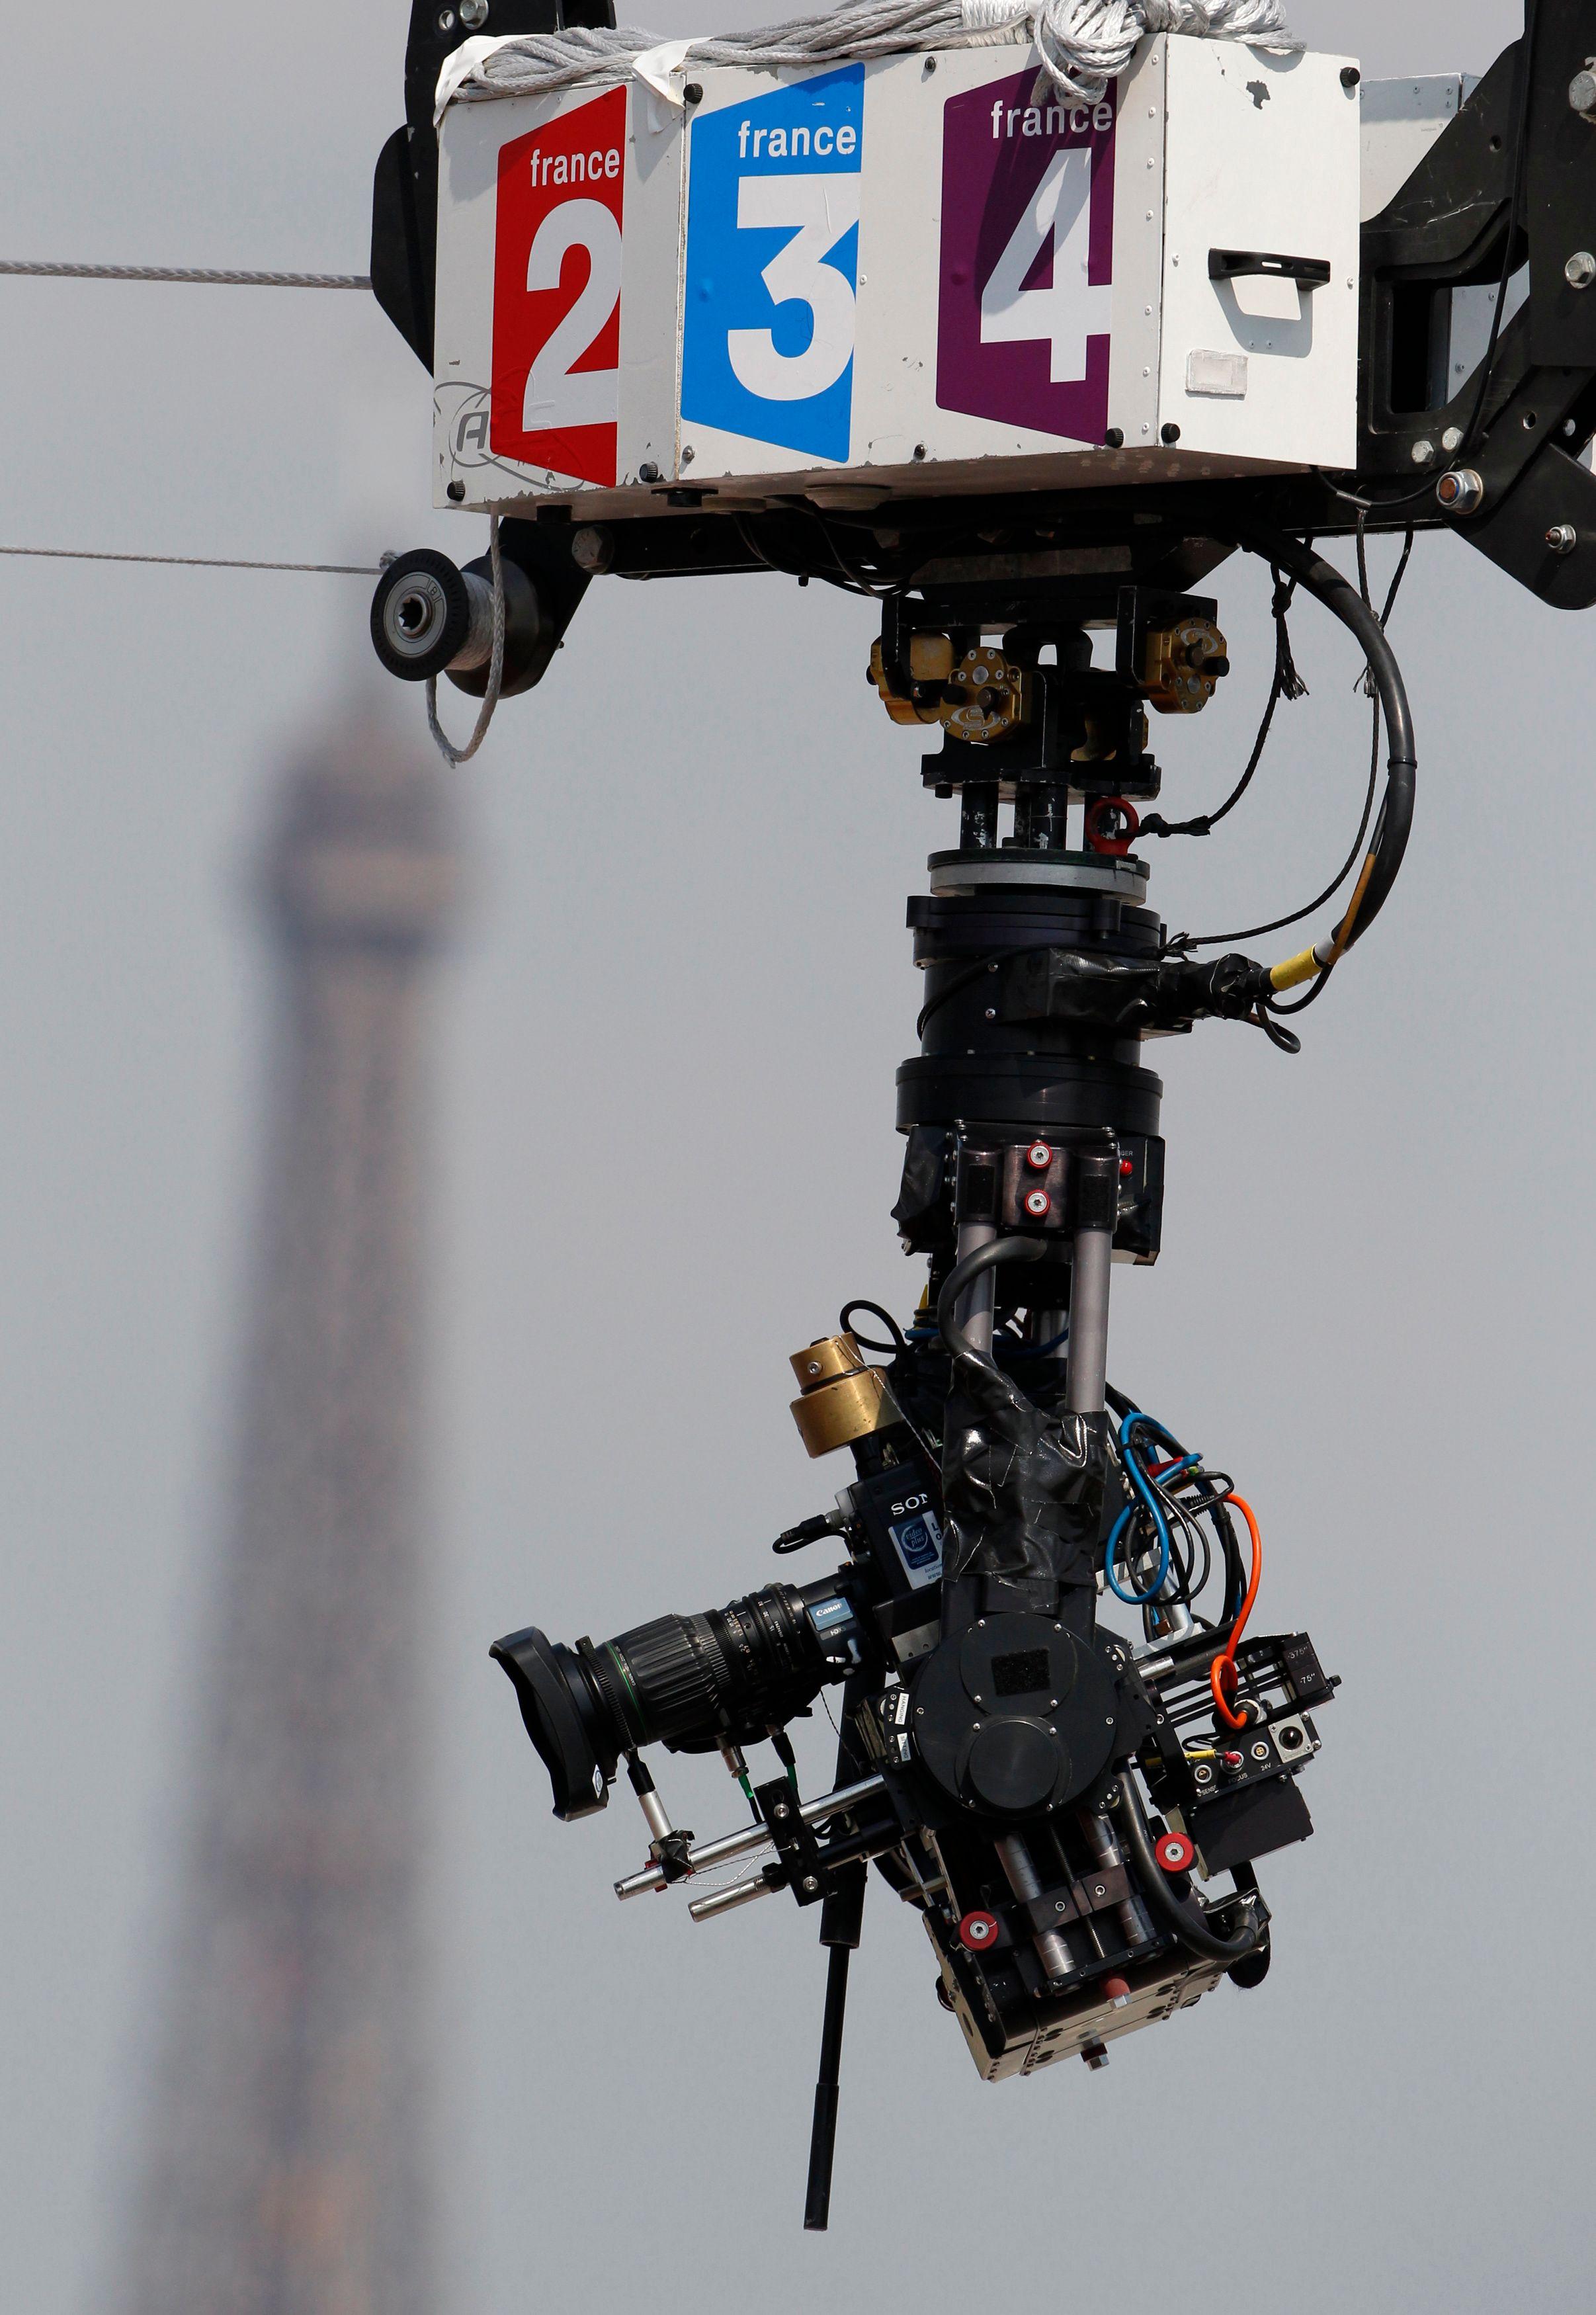 Pourquoi les nouveaux modes de consommation de contenus obligent à une complète refondation de l'audiovisuel public français